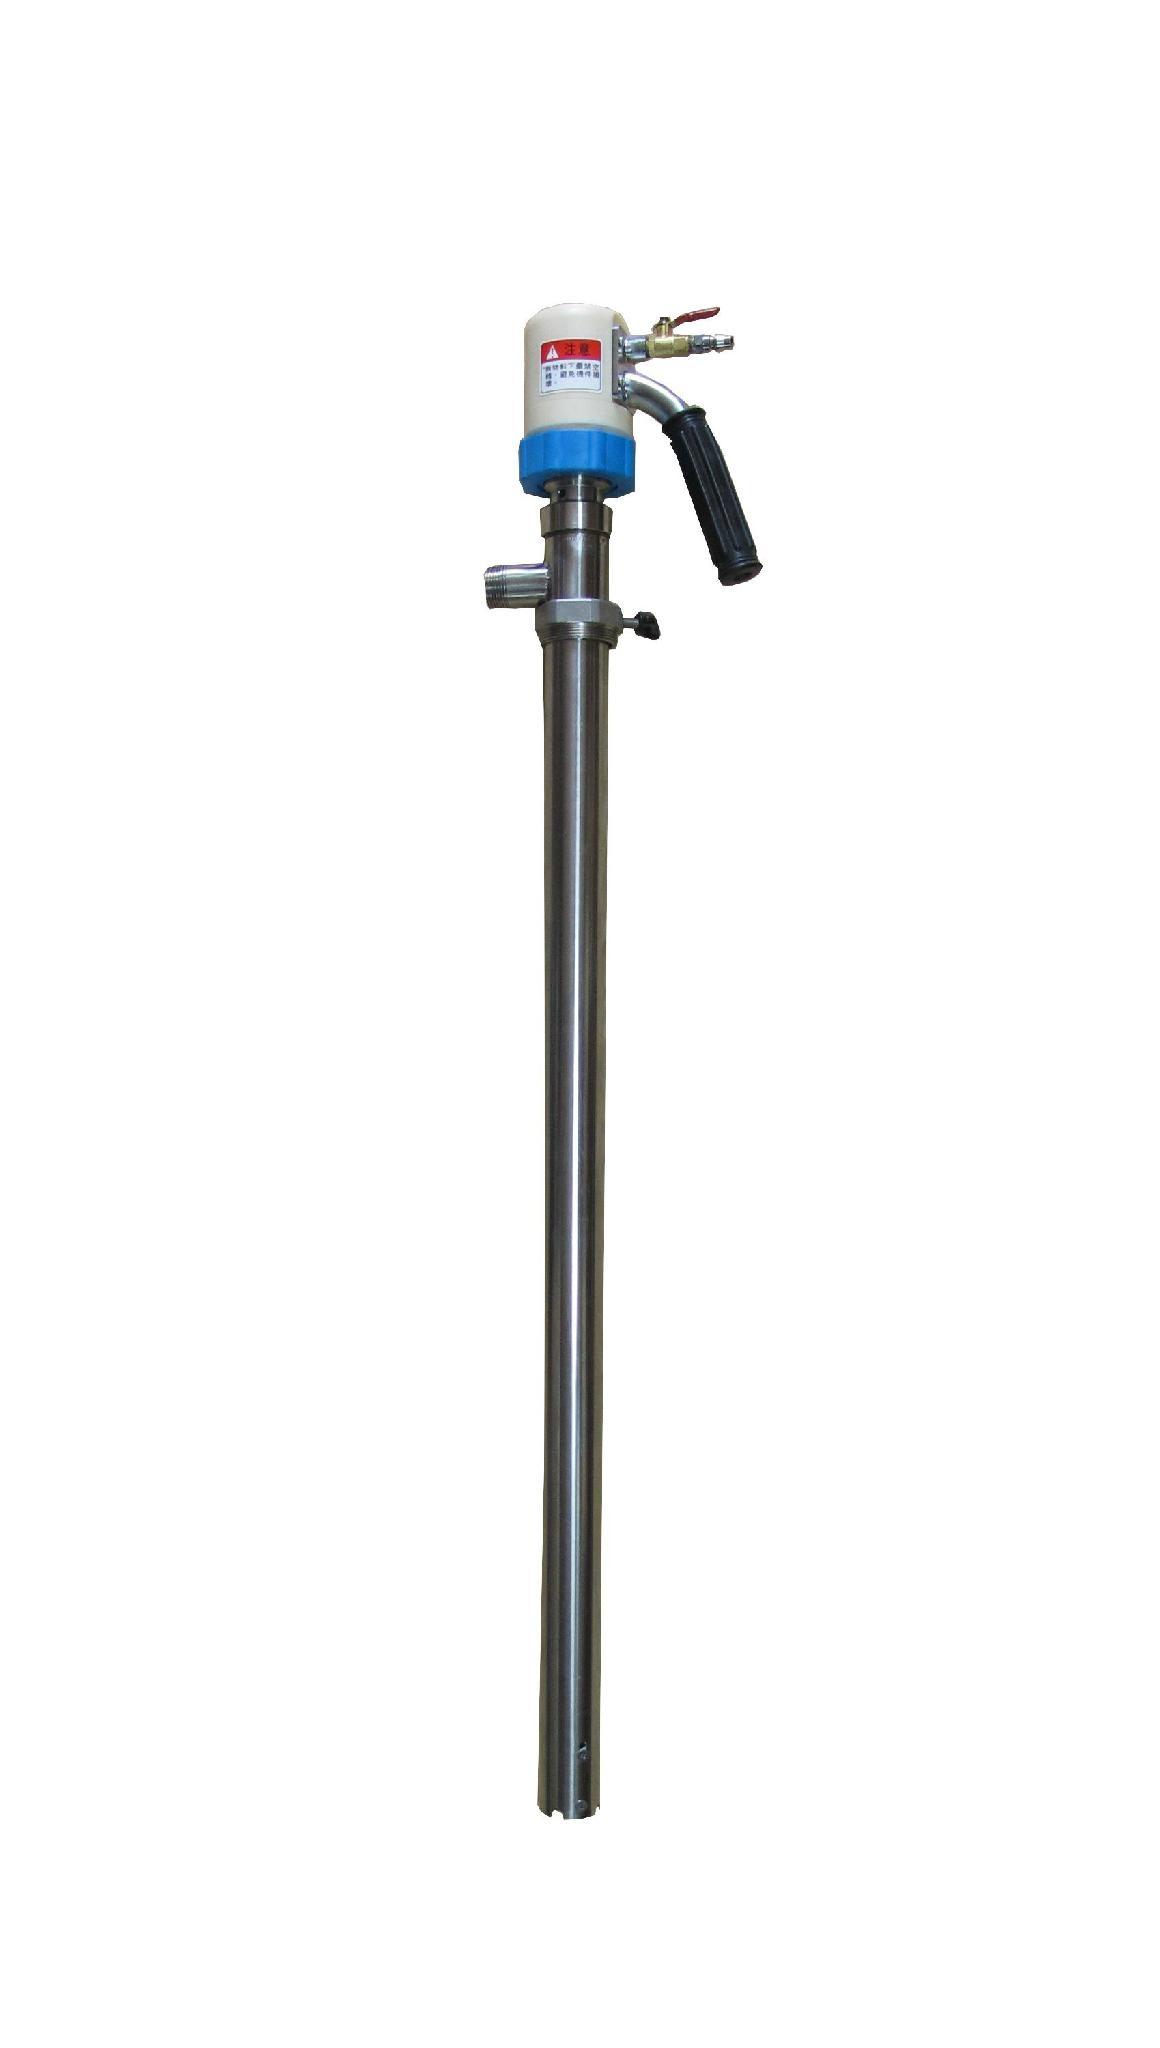 氣動葉片式手提泵浦 1